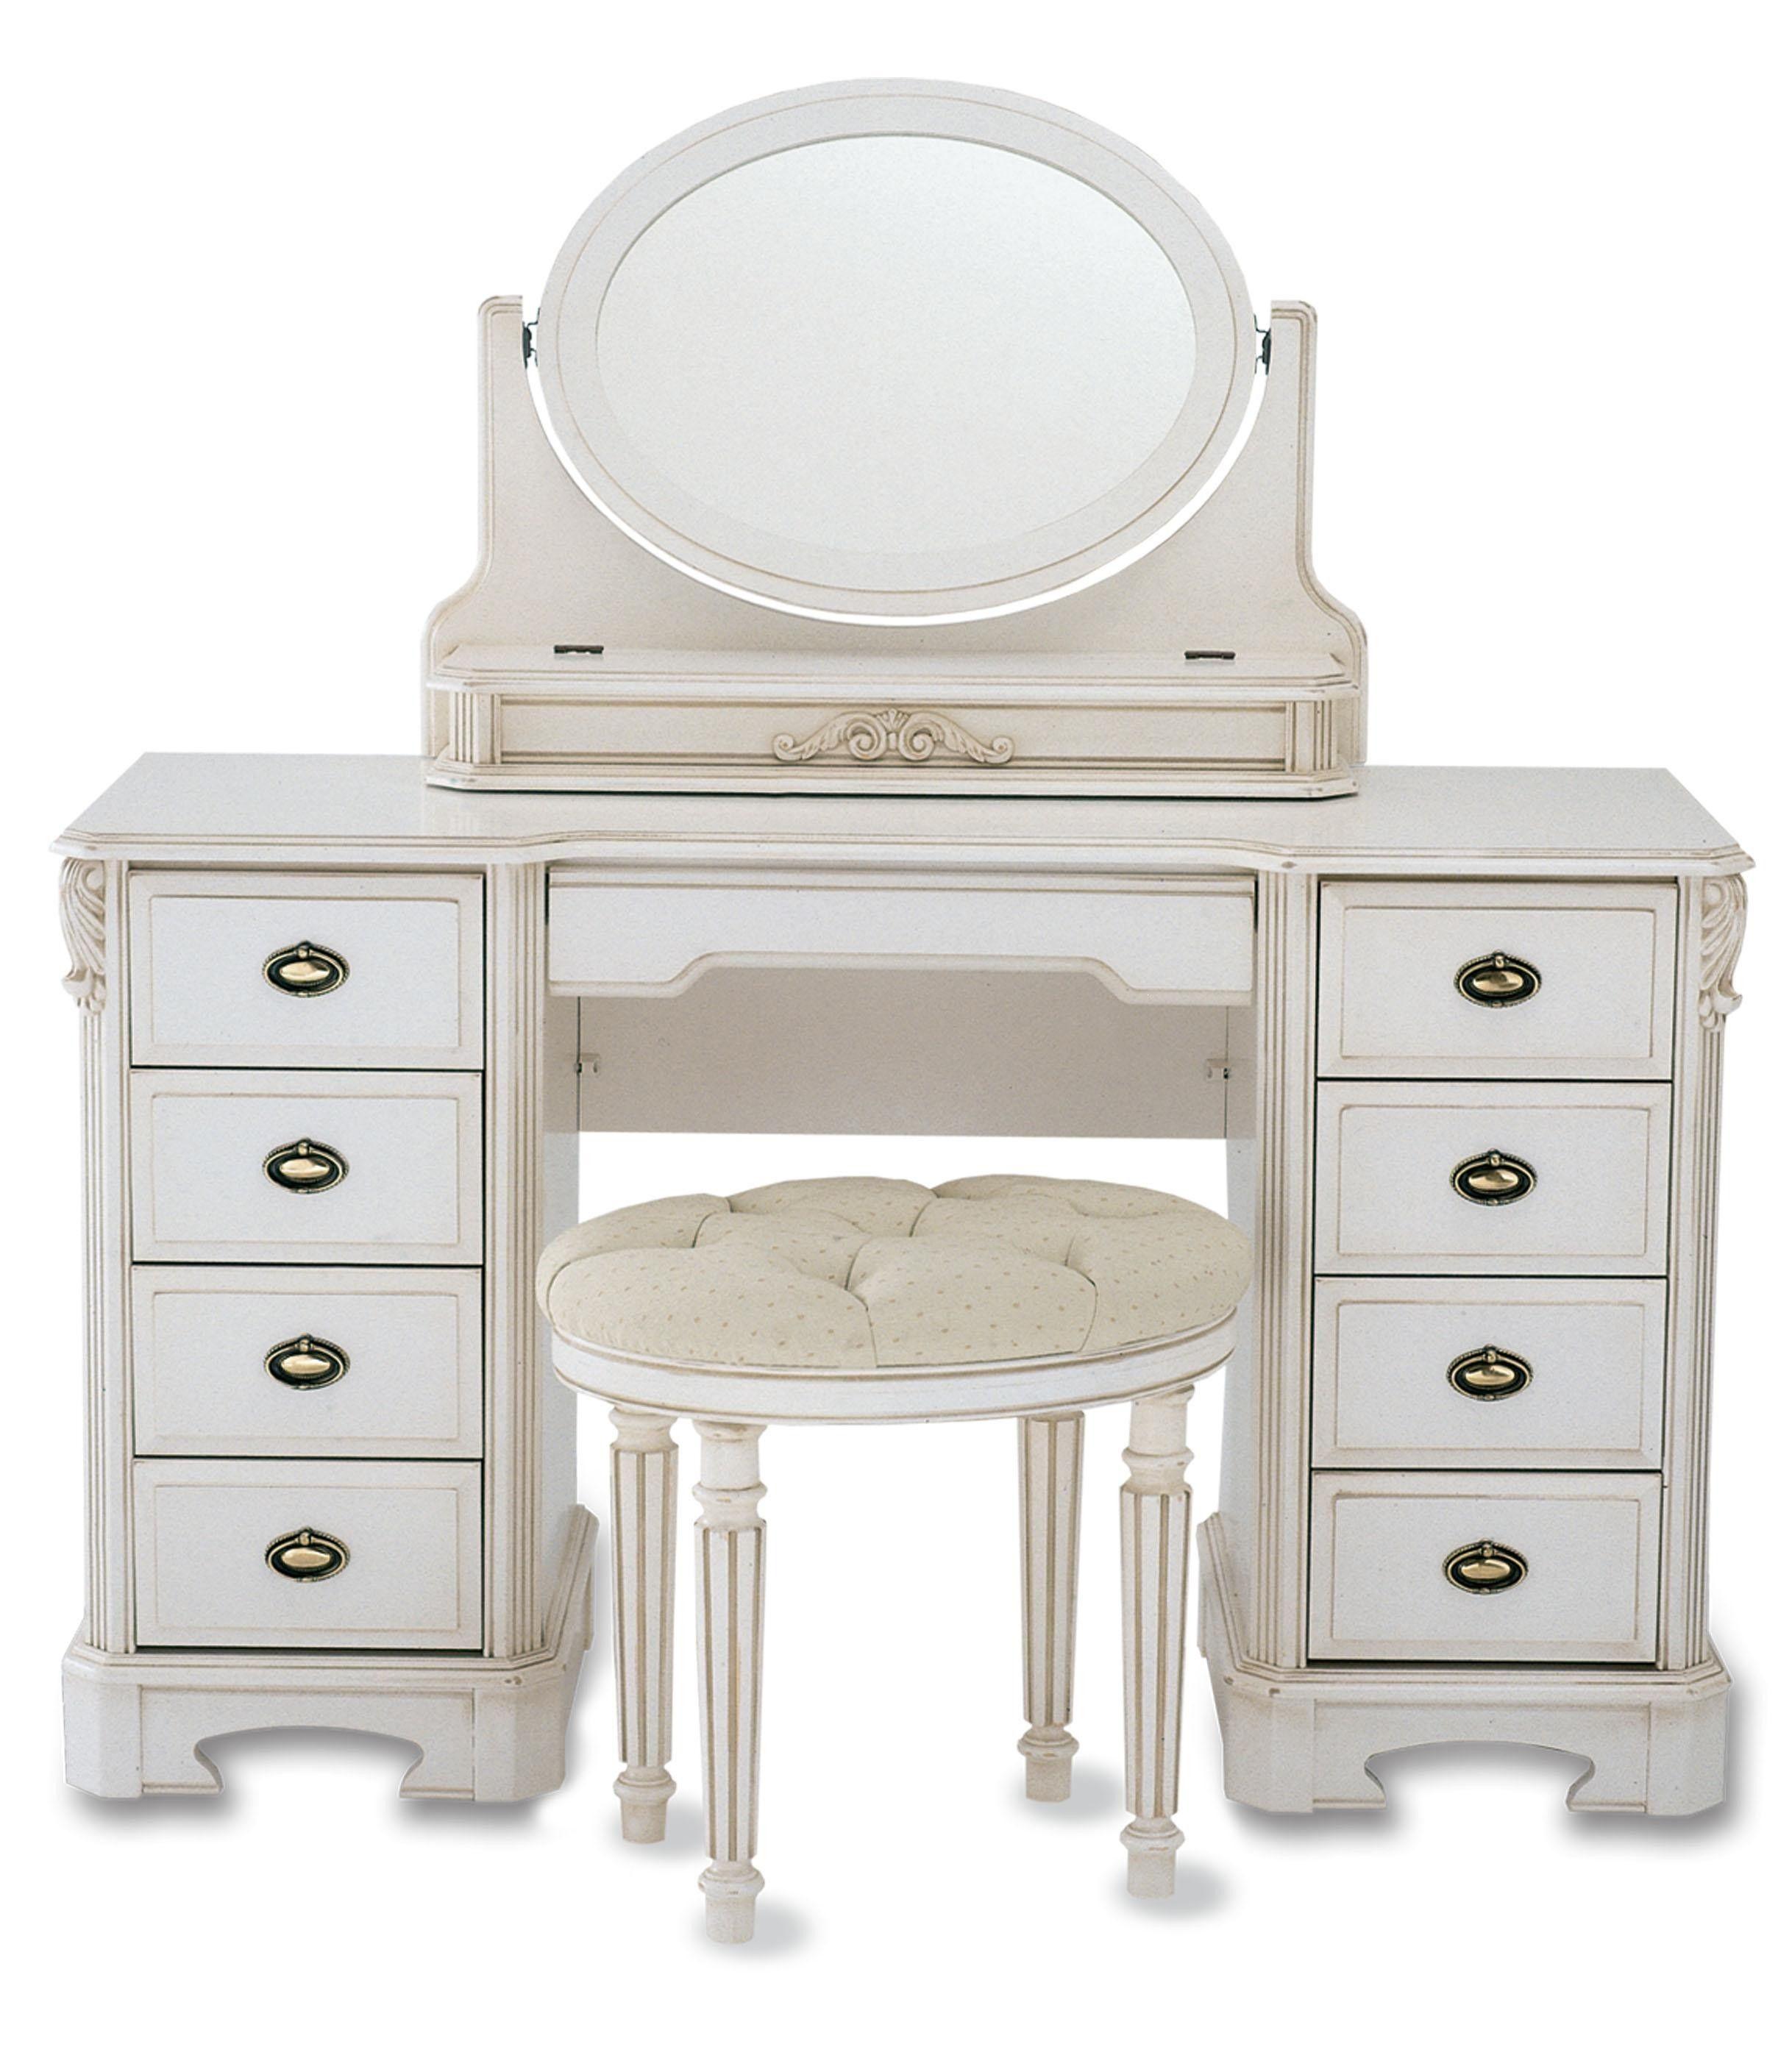 diy furniture w vanity makeup